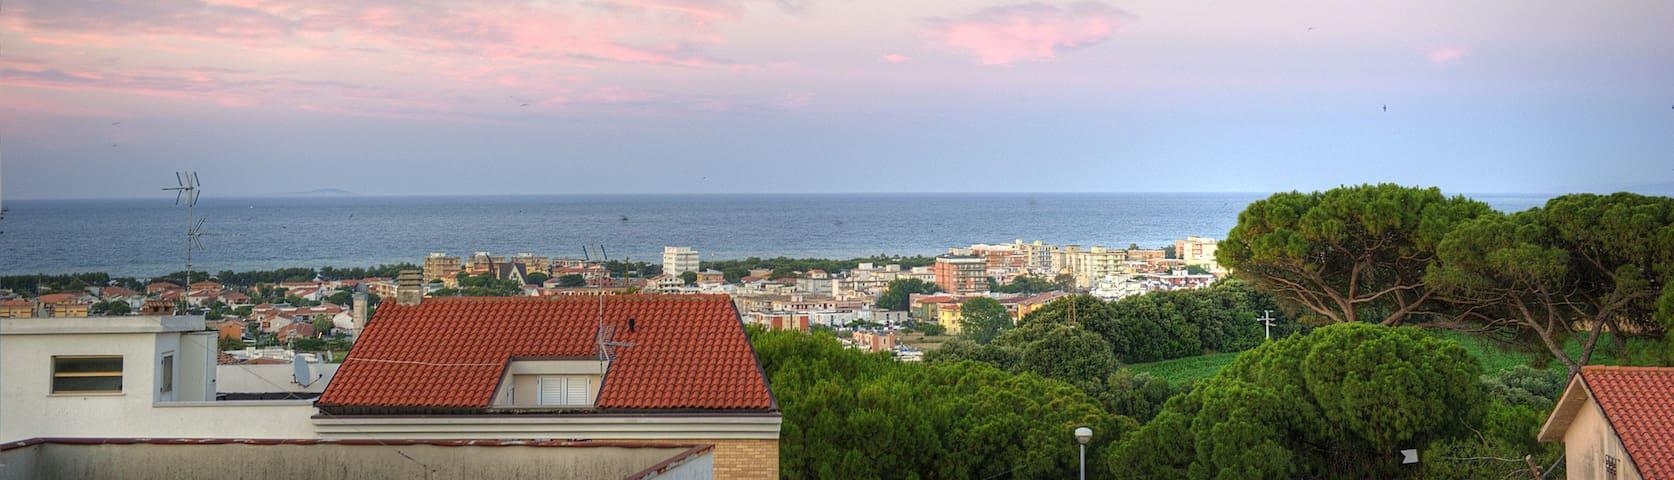 Attico completamente nuovo con vista mare - Campomarino - Apartment